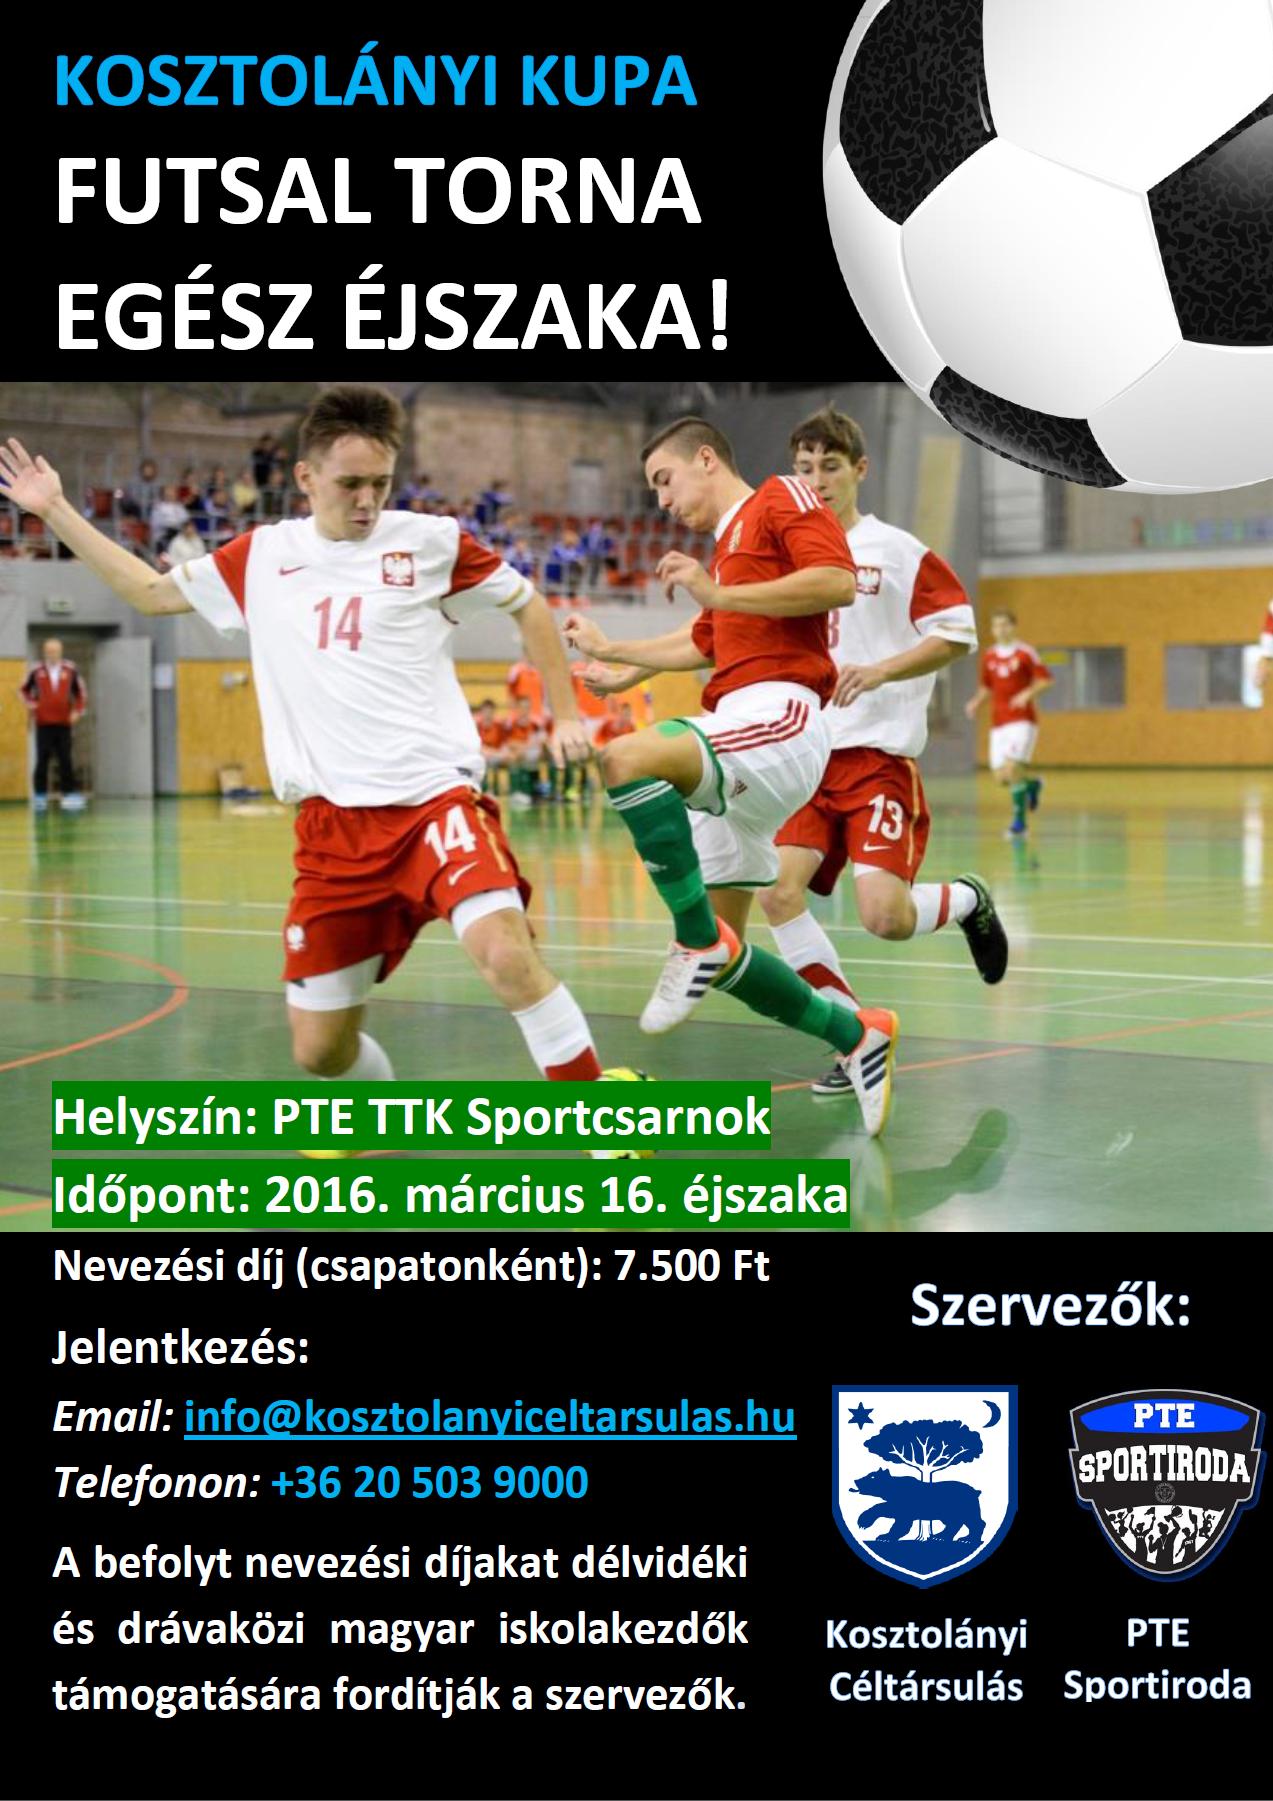 Kosztolányi Futsal Torna v2